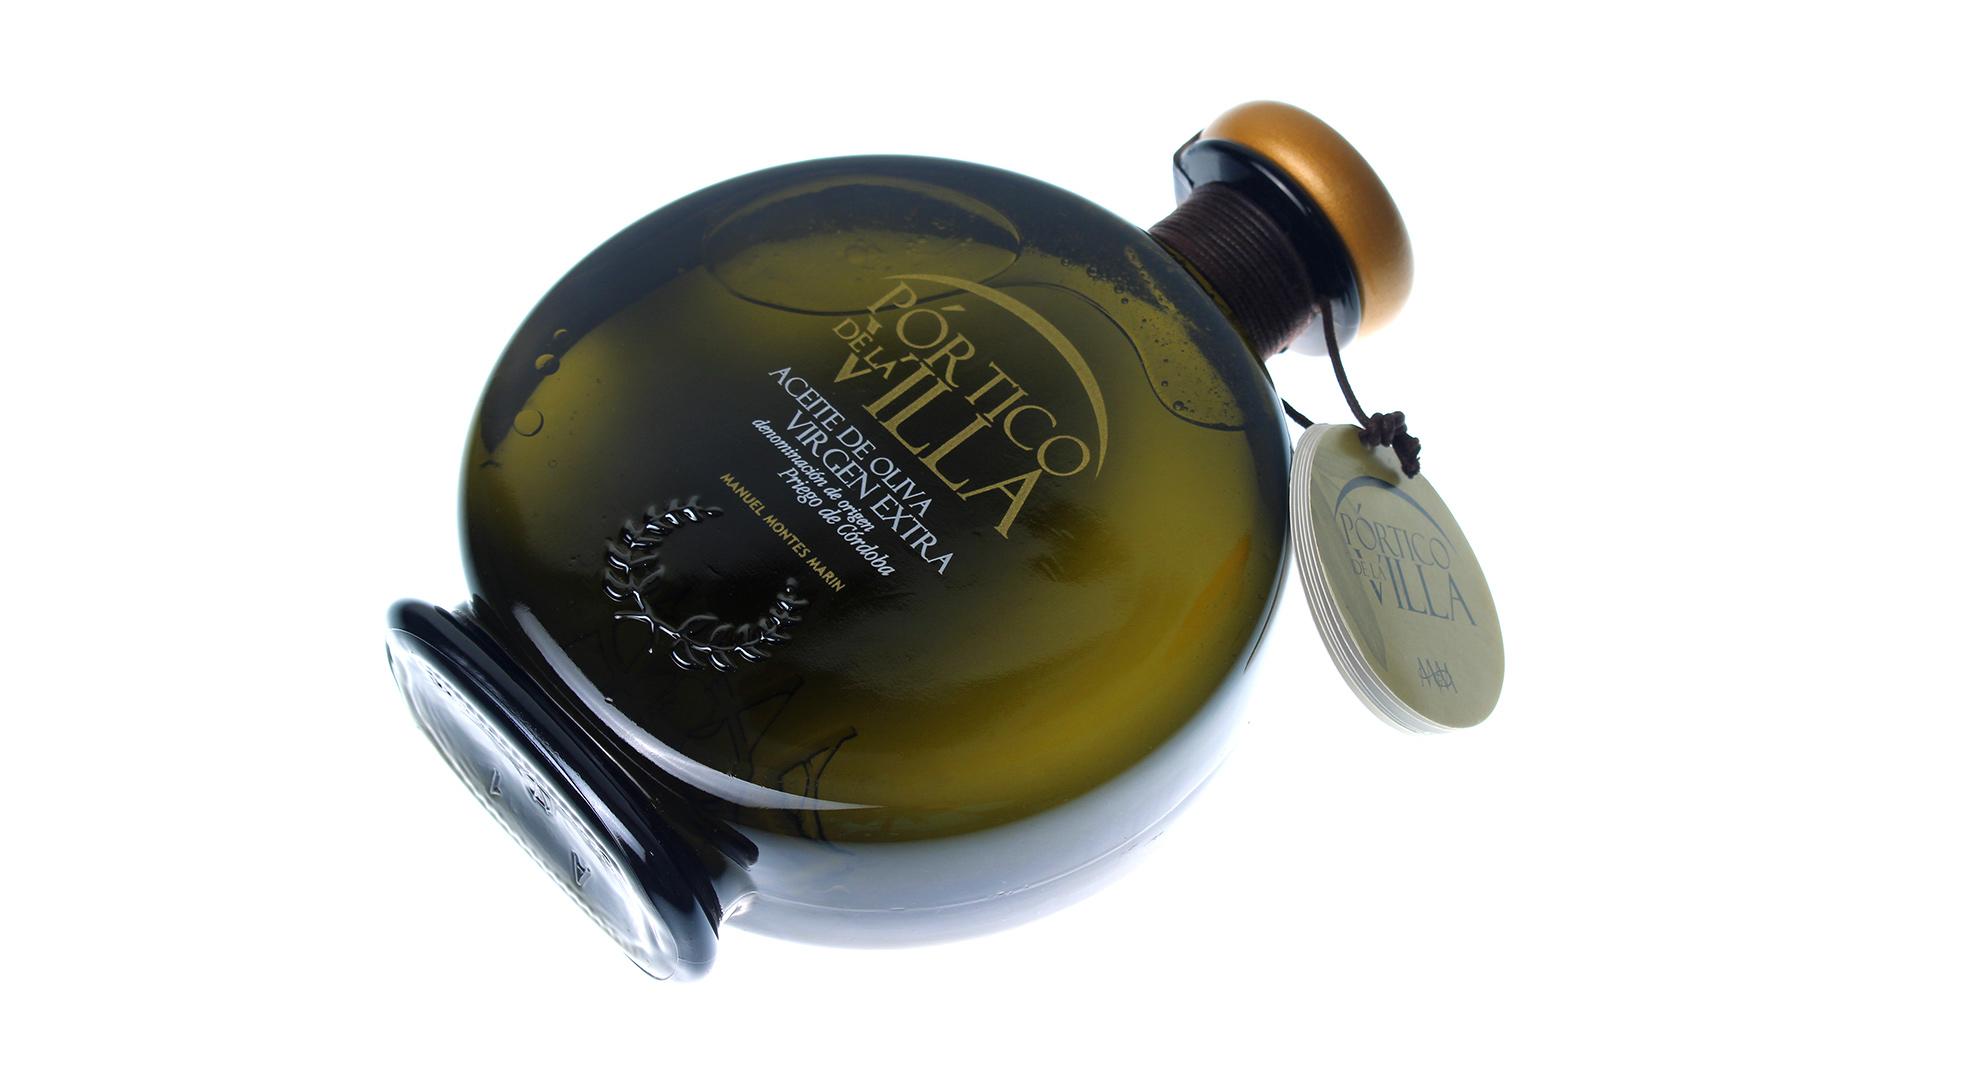 Pintado y serigrafía de envases. Calca serigráfica simil oro y blanco botella aceite portico de la villa